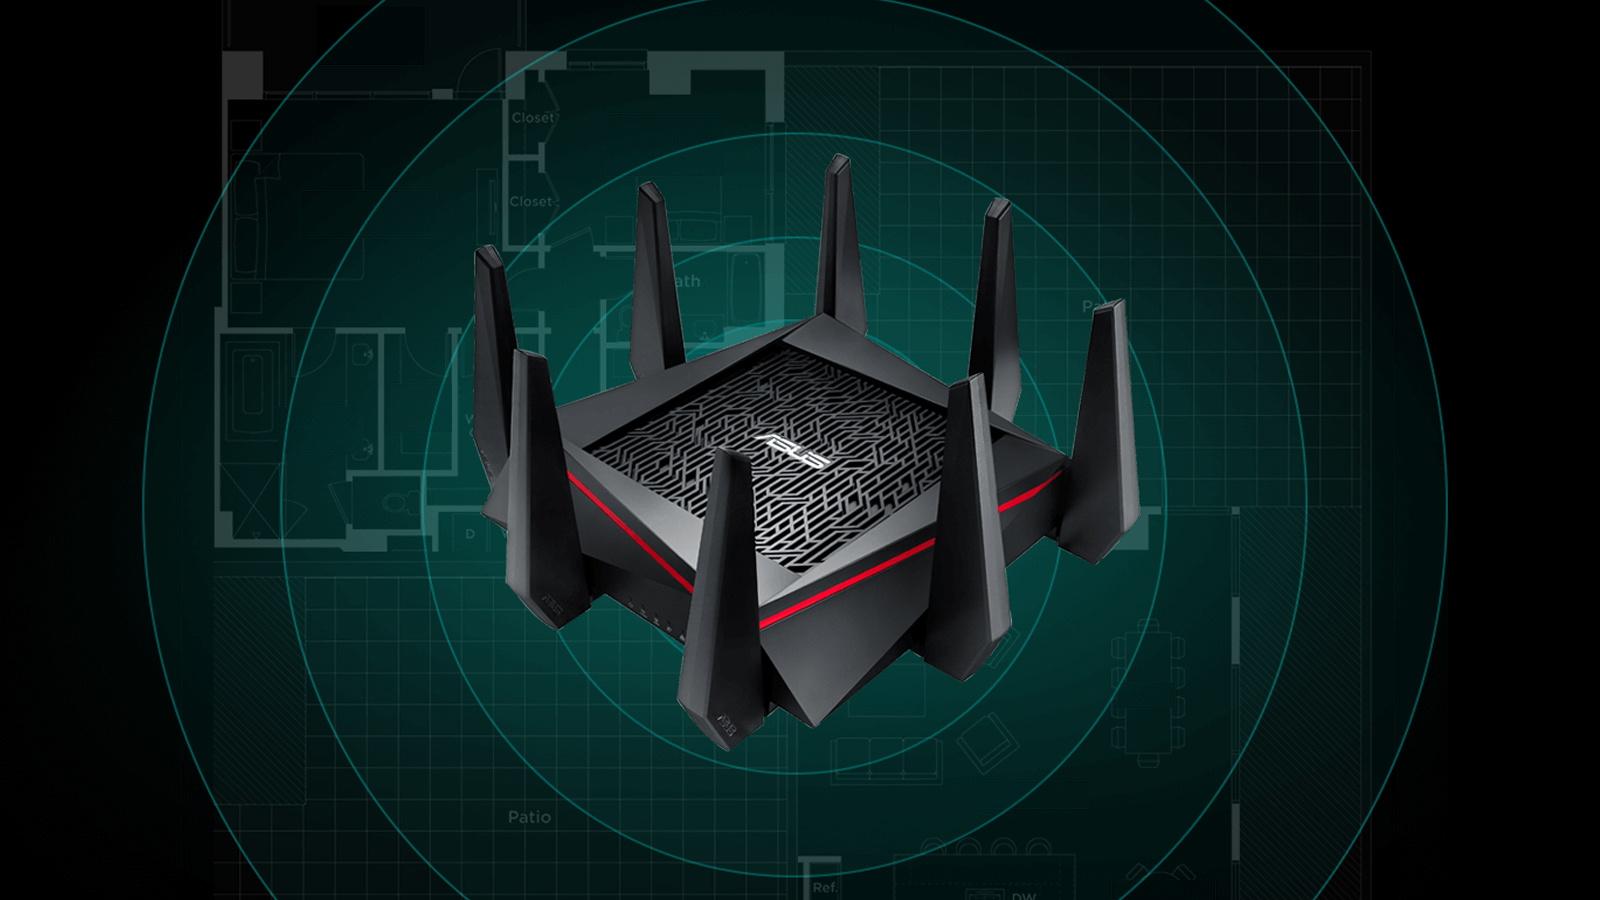 20 Best DD-WRT Routers to Buy in 2019 | TechNadu